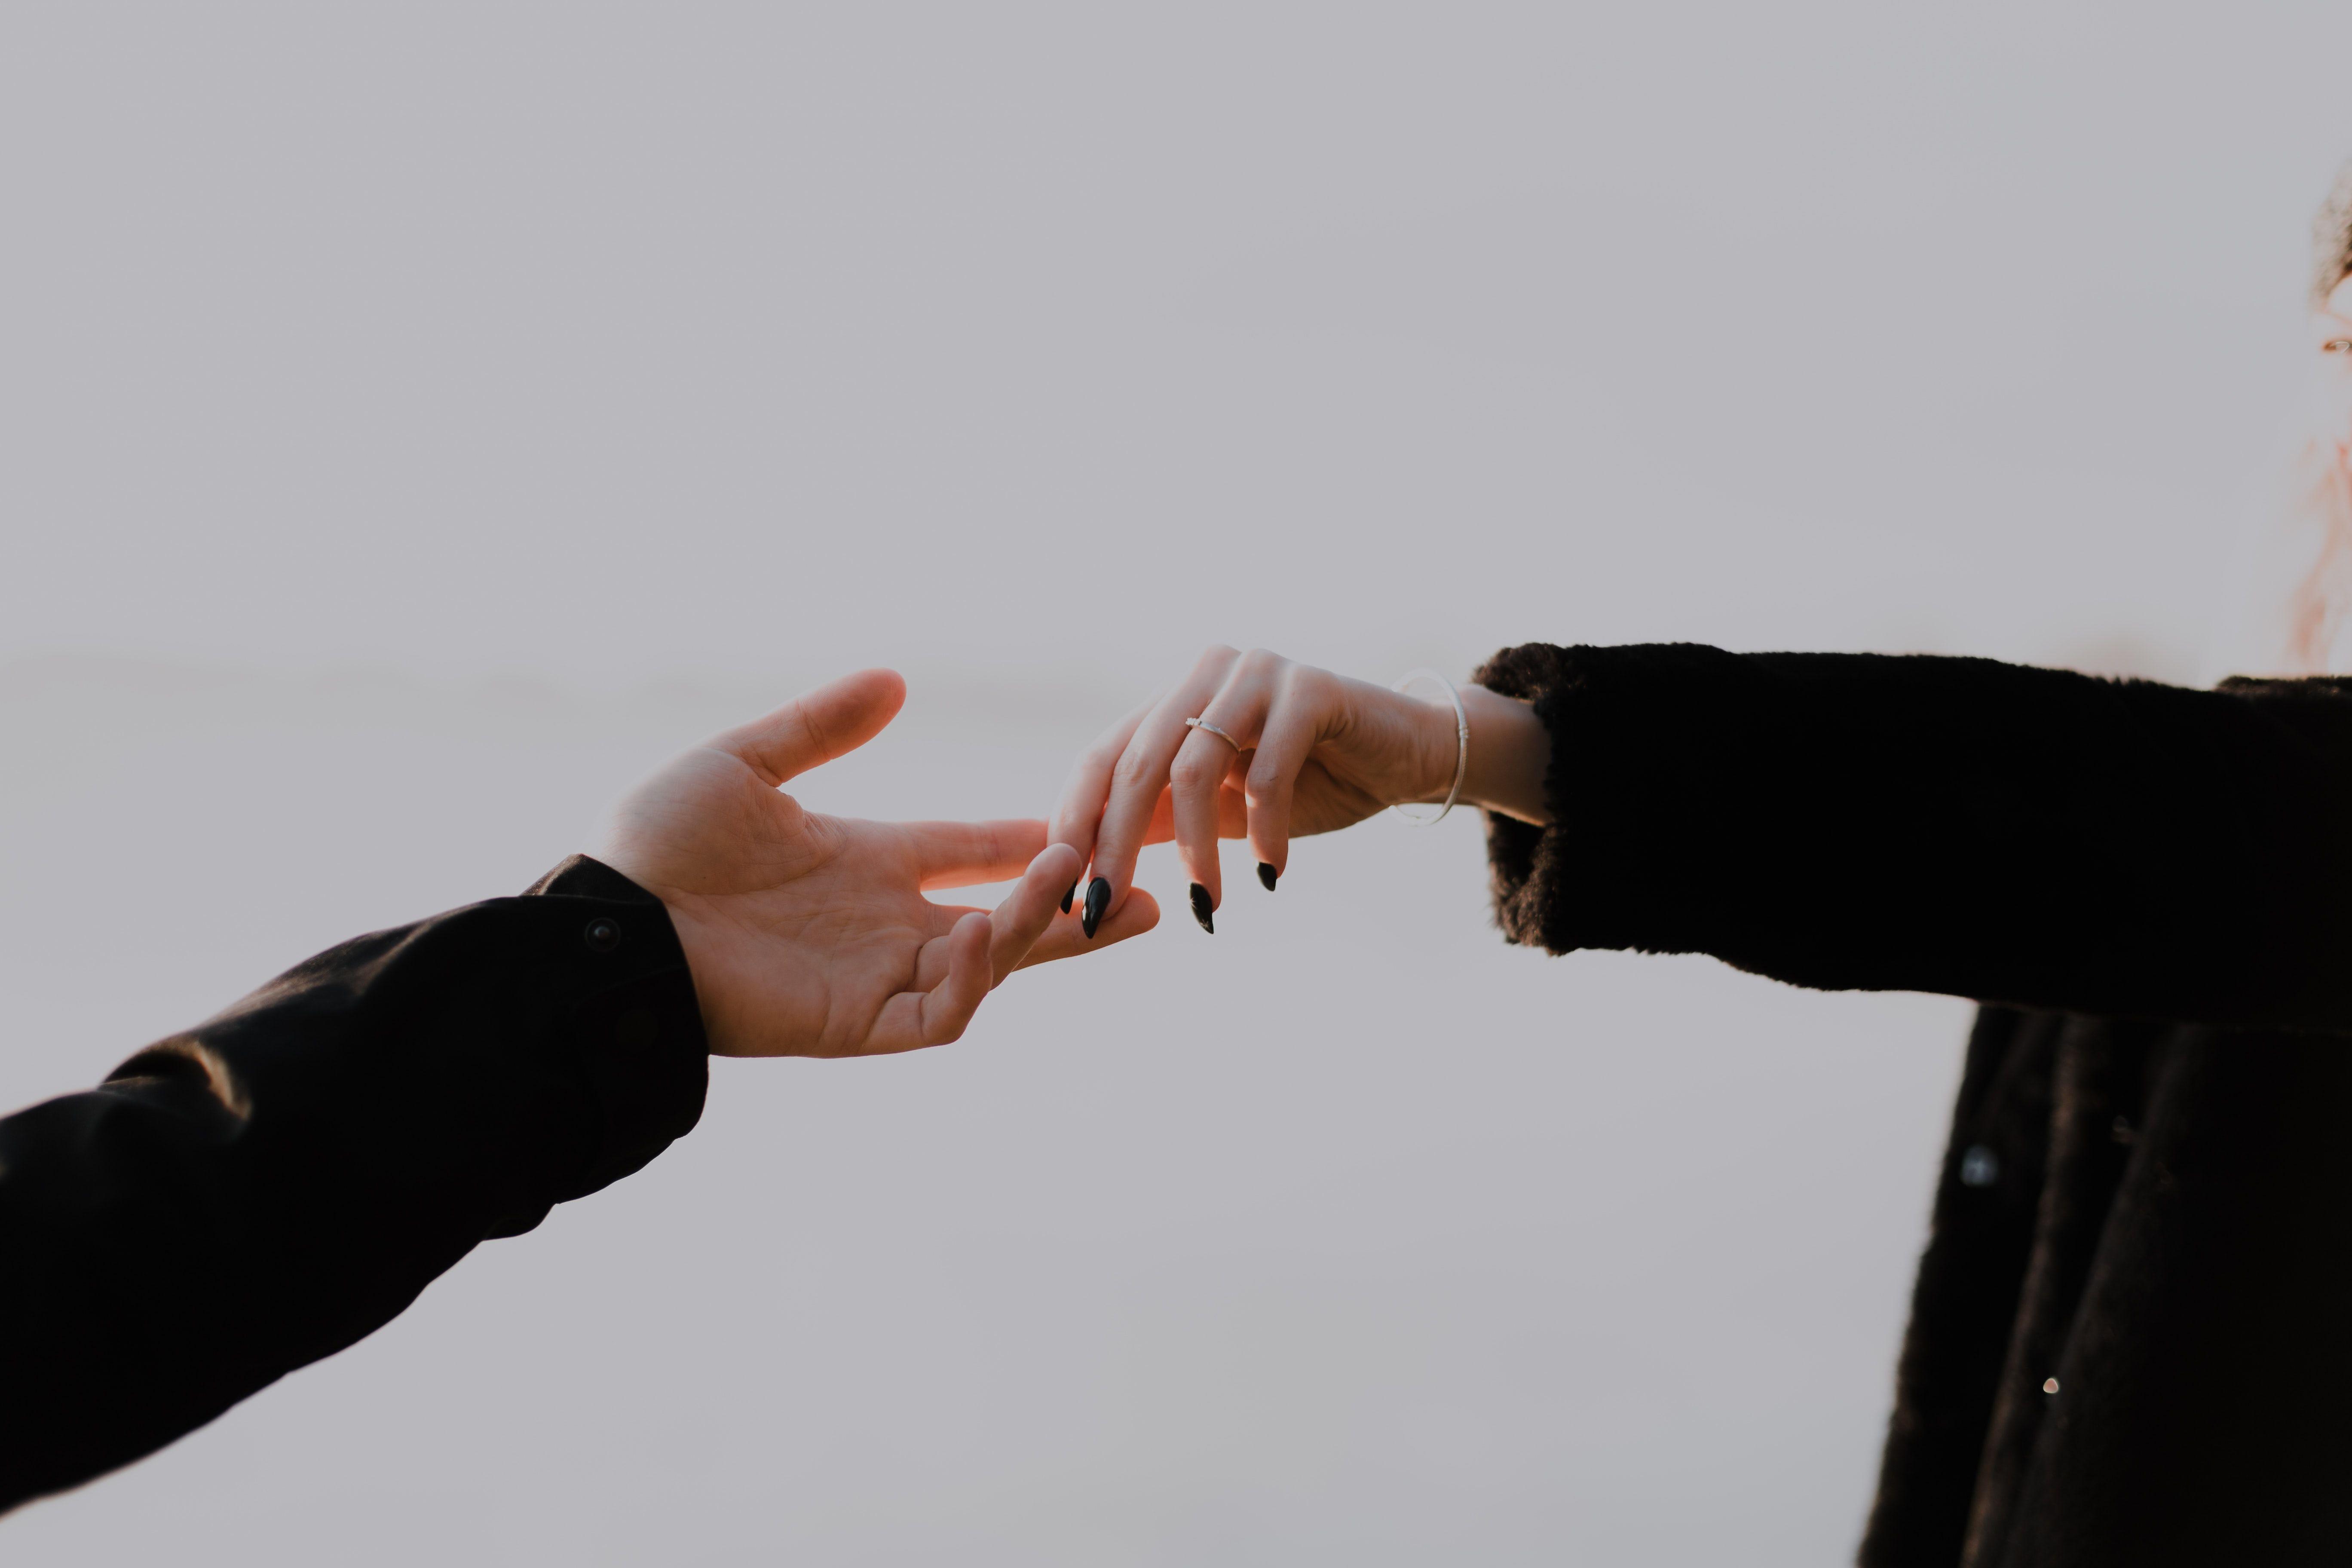 GrupoLaberinto da las claves para realizar terapia de pareja post confinamiento